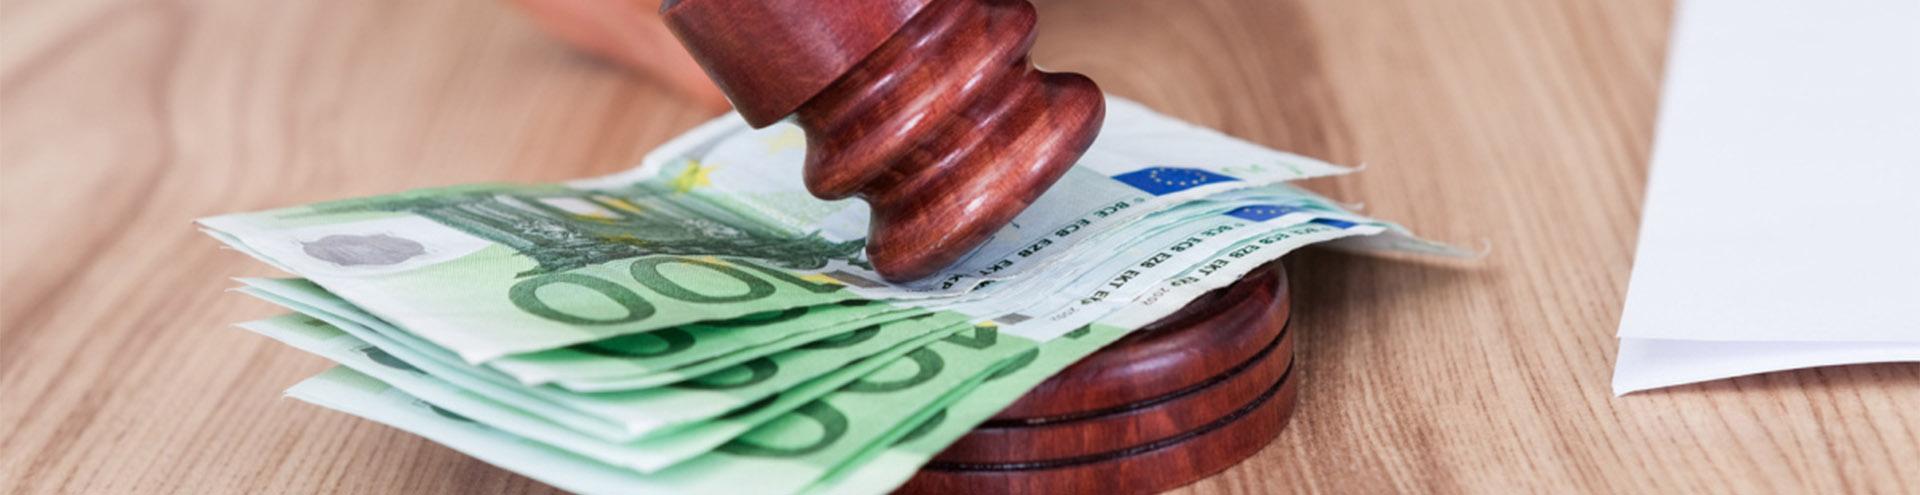 судебные расходы в Оренбурге